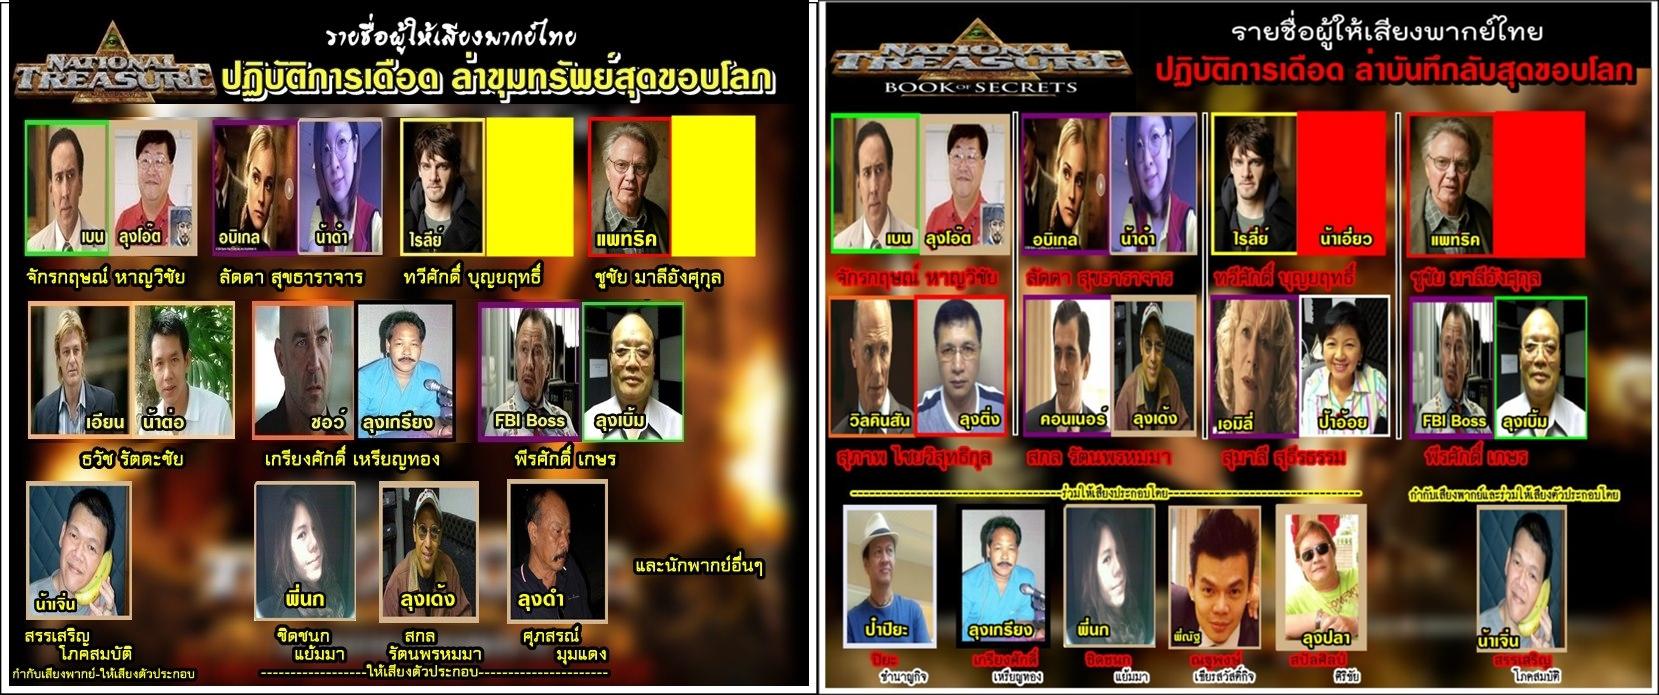 รายชื่อผู้ให้เสียงพากย์ไทย National Treasure.jpg